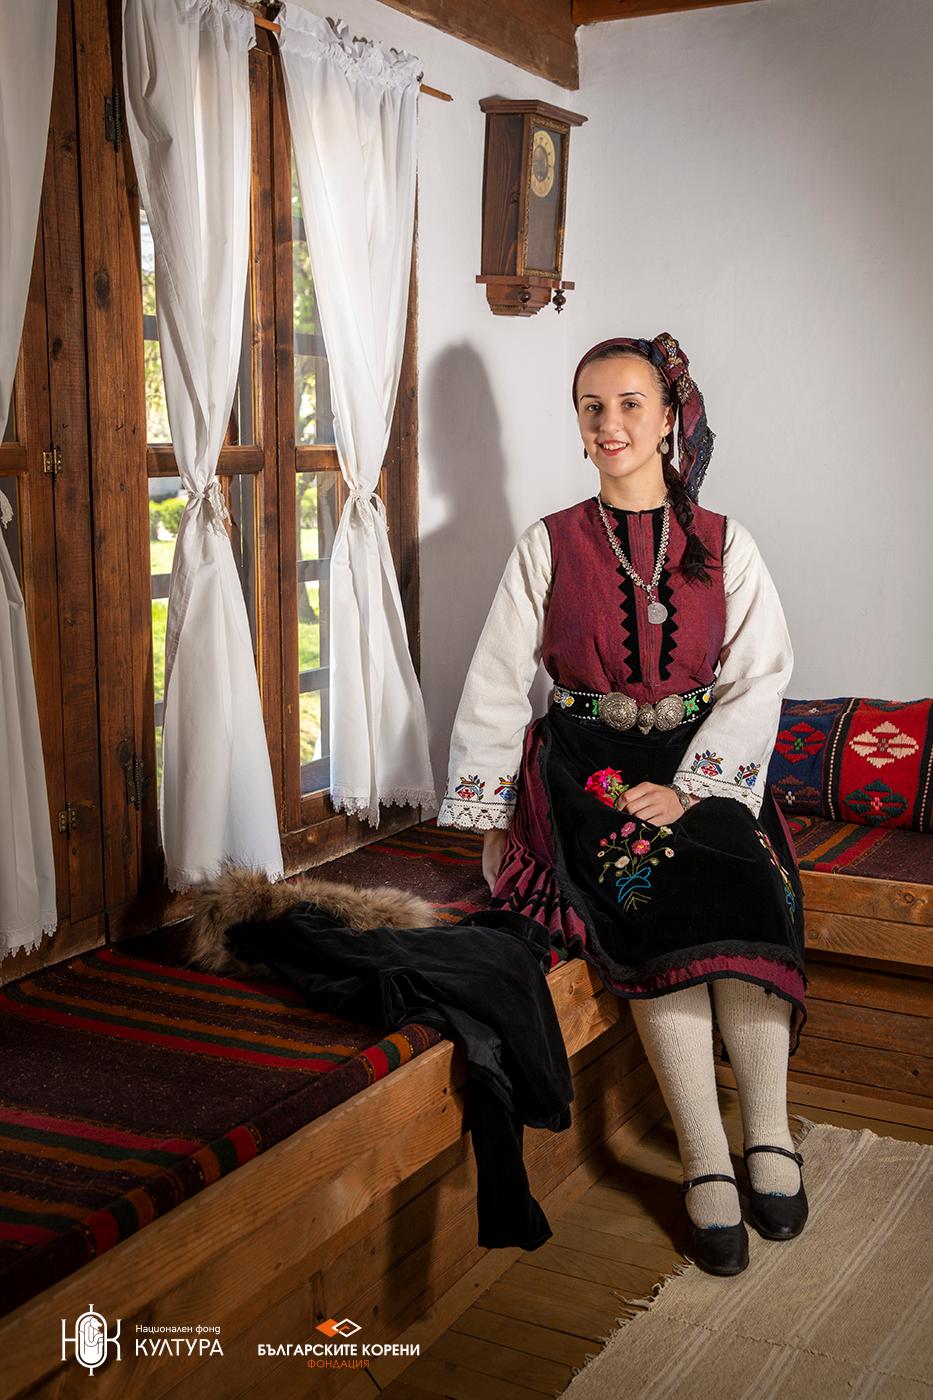 """Фустан """"гезиа"""" (джизия) в морав цвят, празничен костюм от началото до 40-те години на ХХ век"""